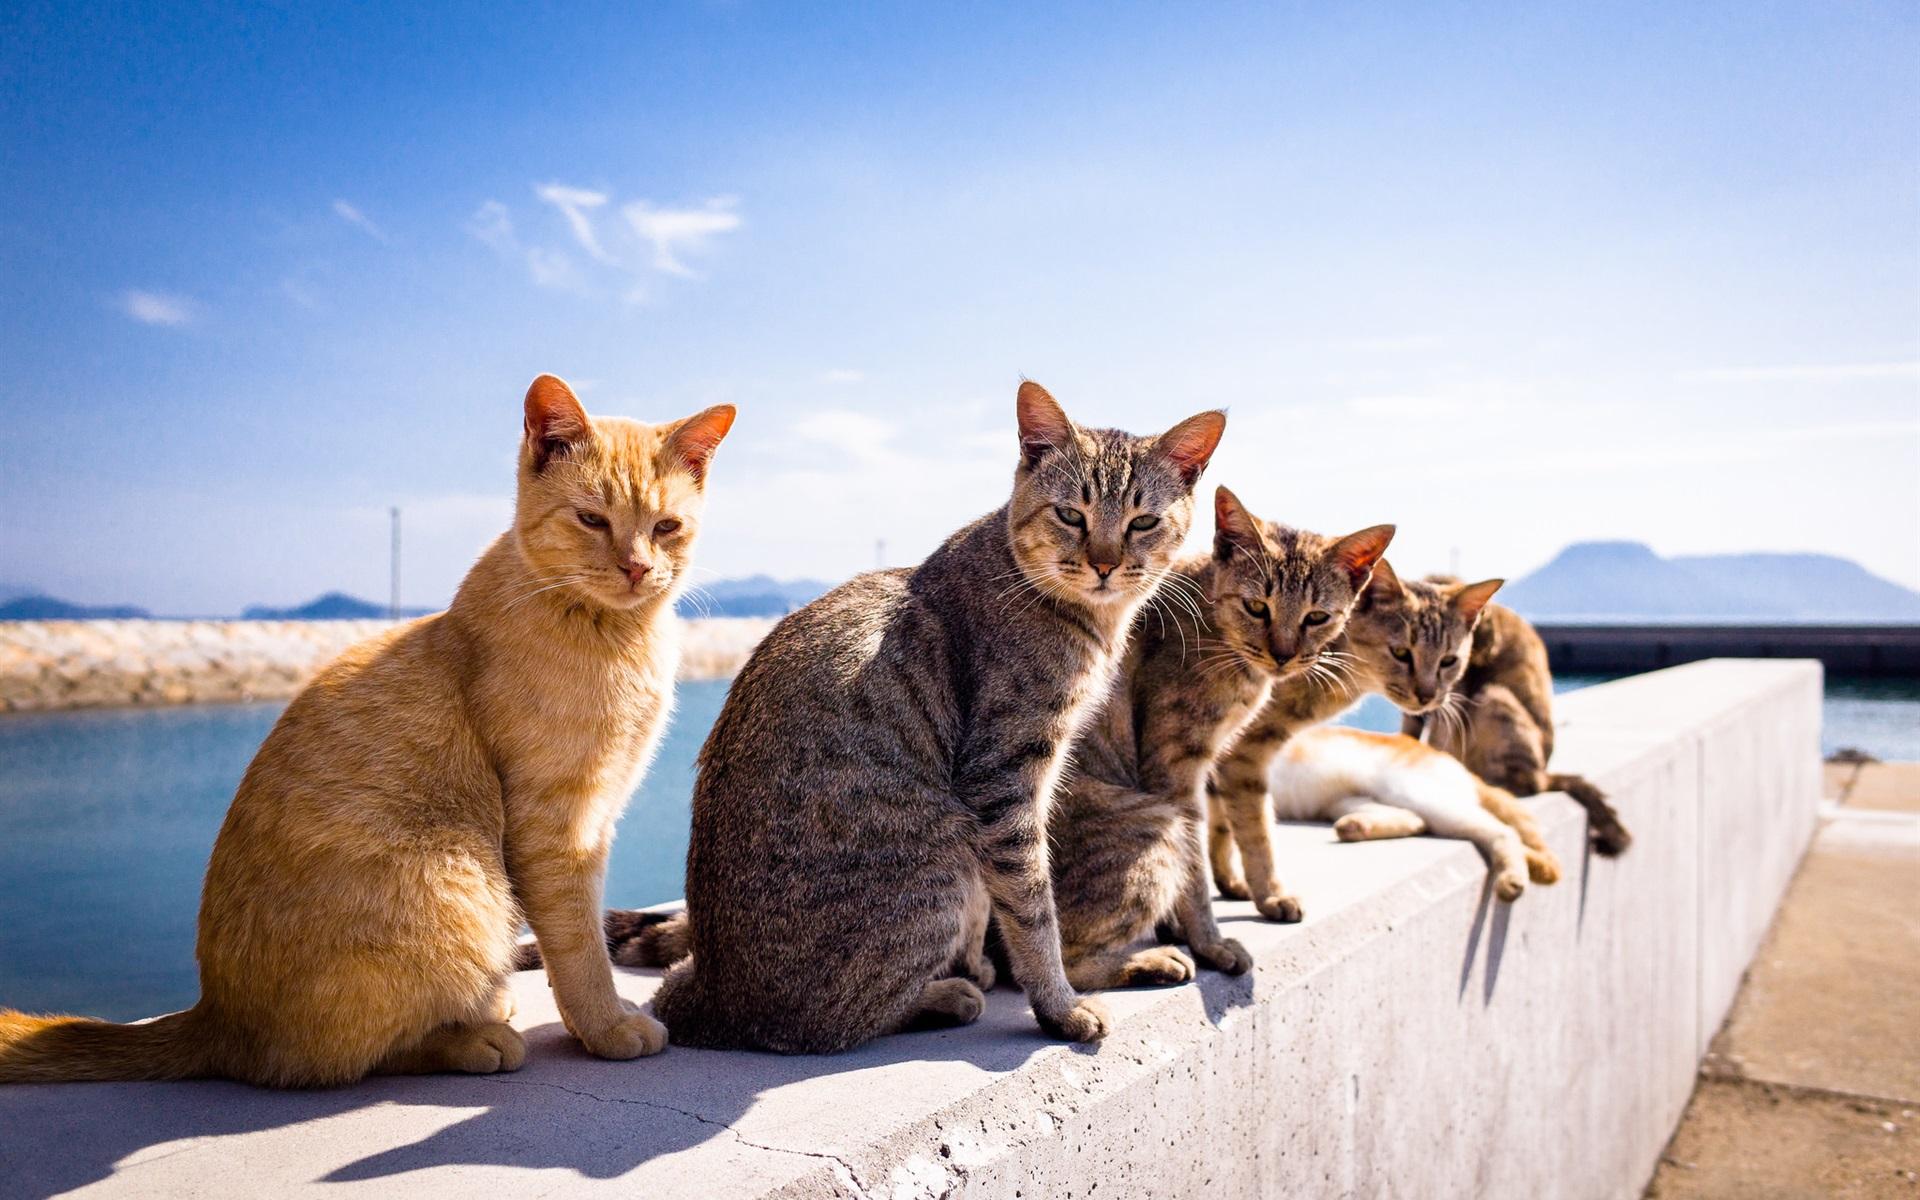 壁紙 太陽の下でかわいい猫 1920x1200 Hd 無料のデスクトップの背景 画像